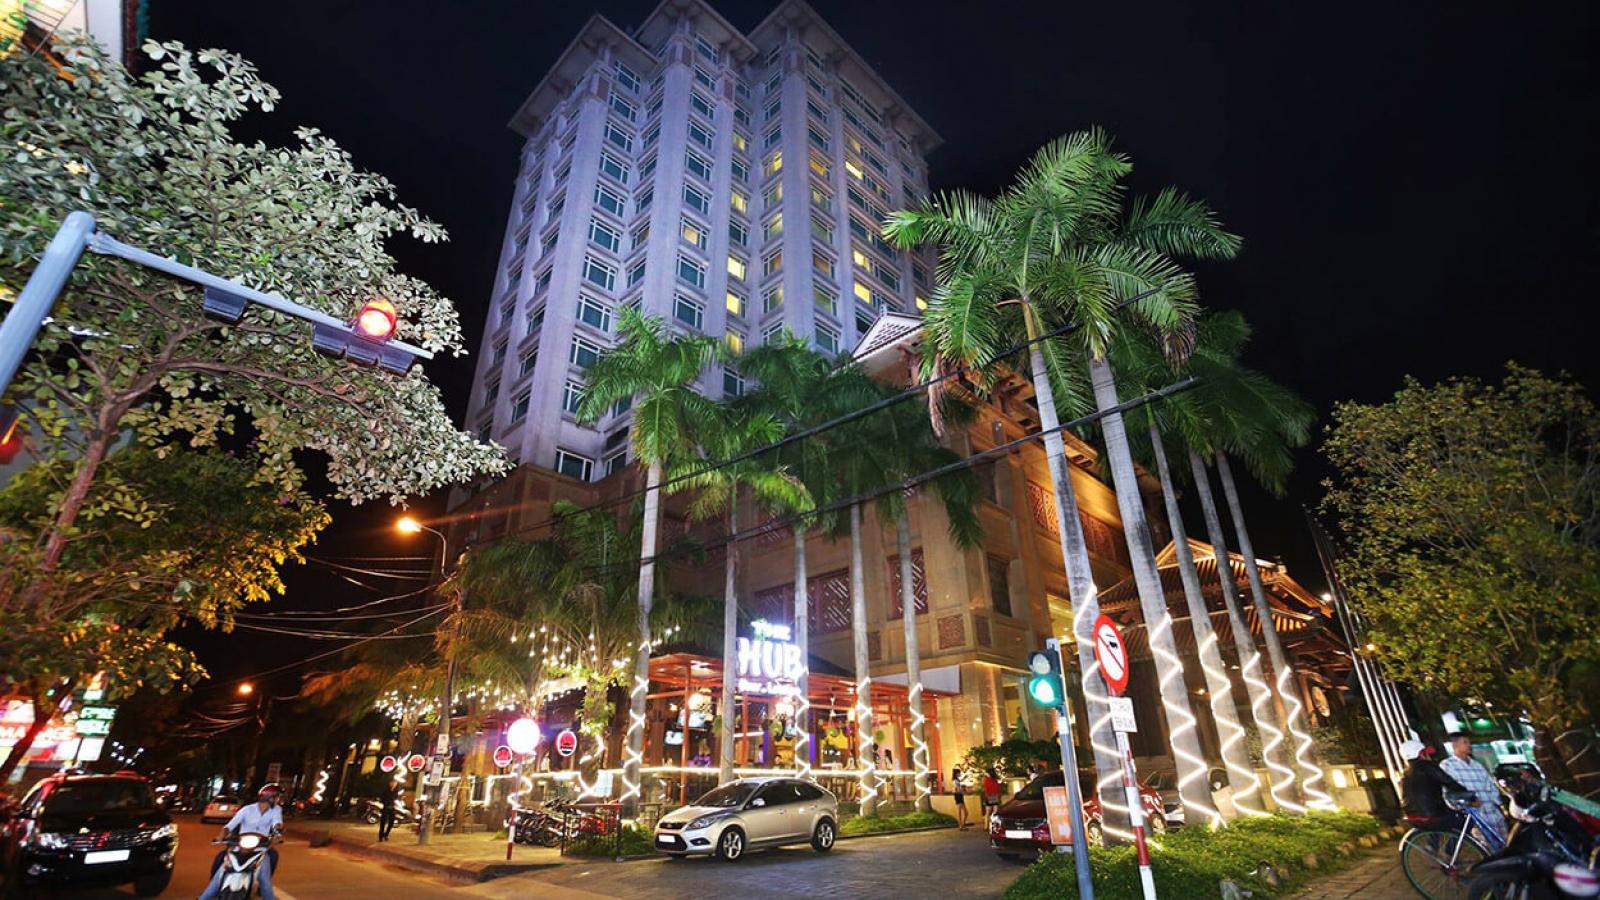 Mua nợ xấu Khách sạn Hoàng Cung – Quyền chủ nợ bị gây khó dễ